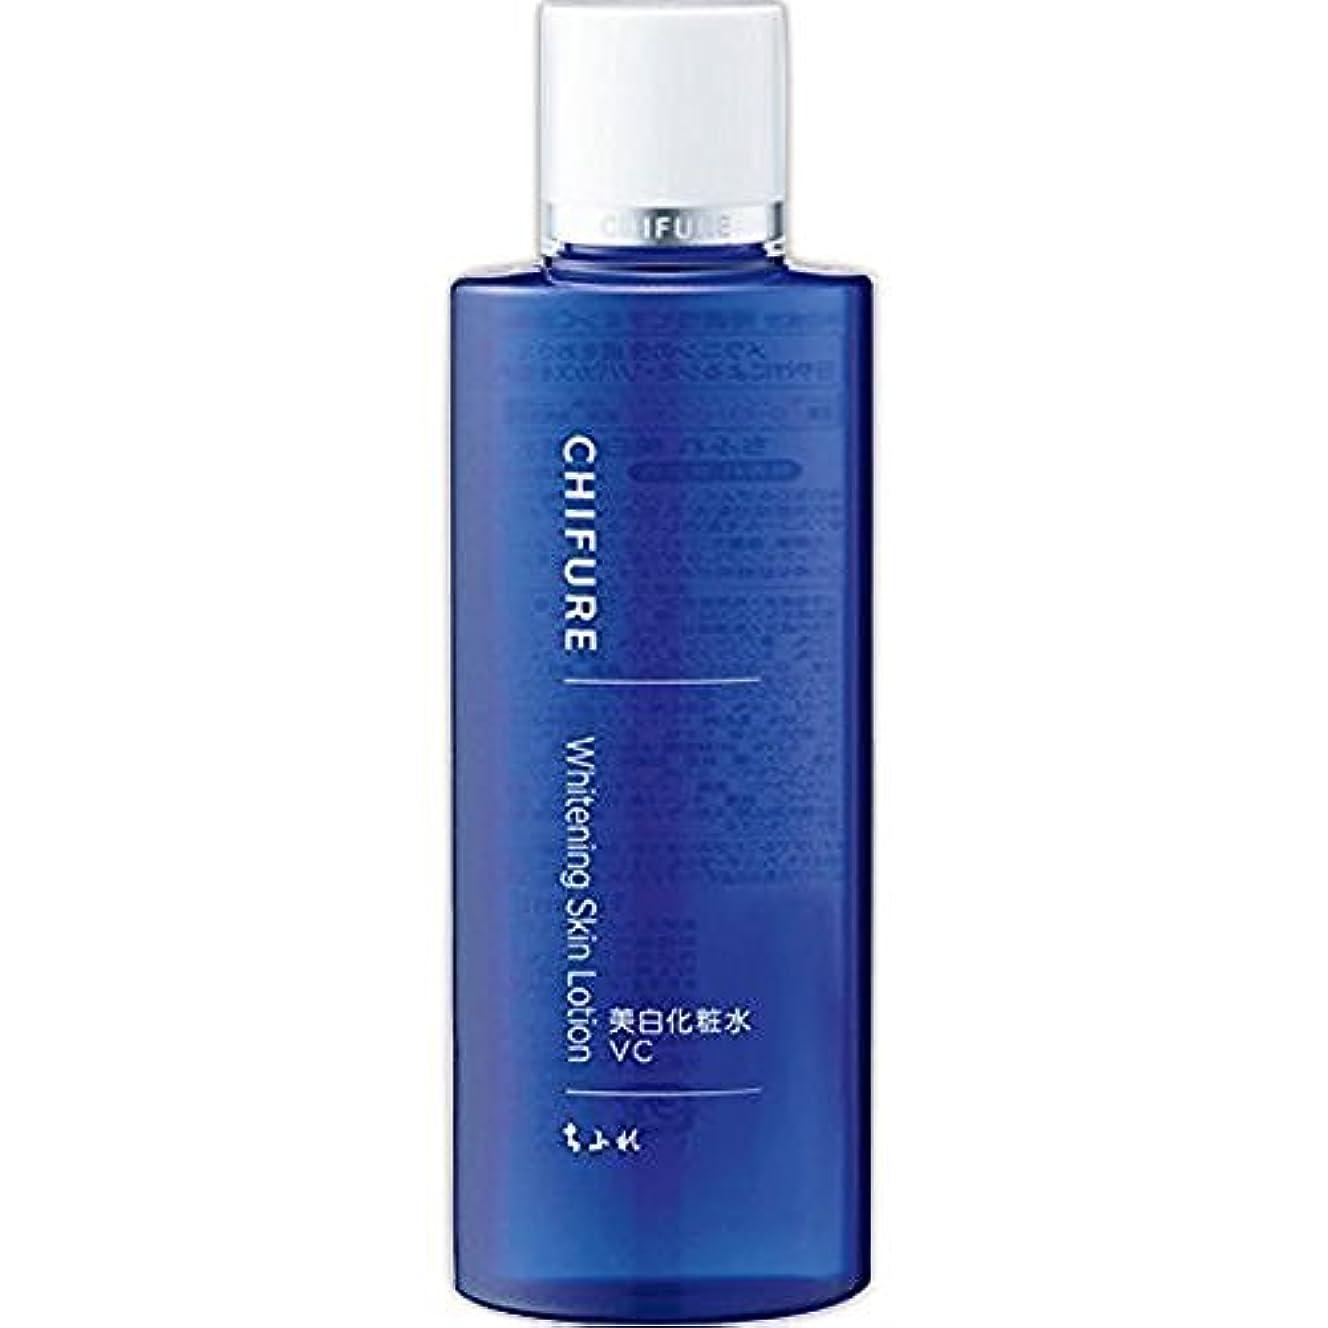 石炭摂動可塑性ちふれ化粧品 美白化粧水 VC 180ML (医薬部外品)